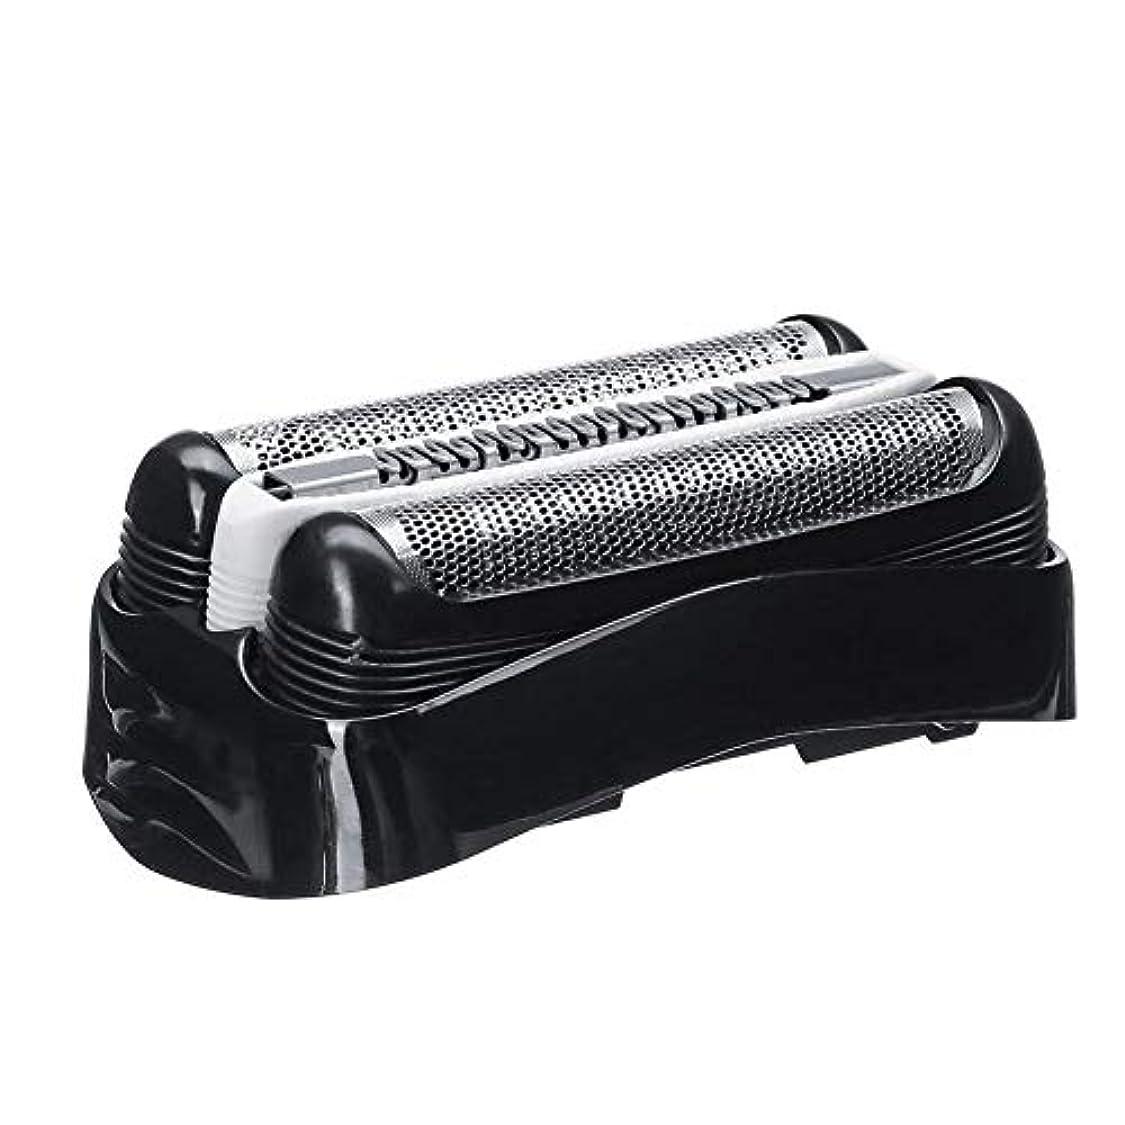 芸術的倒錯狼シェーバー替刃 Braunシリーズ3用 メンズシェーバー32B用 セット刃 シェーバー交換部品 電気シェーバー交換ヘッドカミソリアクセサリ for Braun Series 3